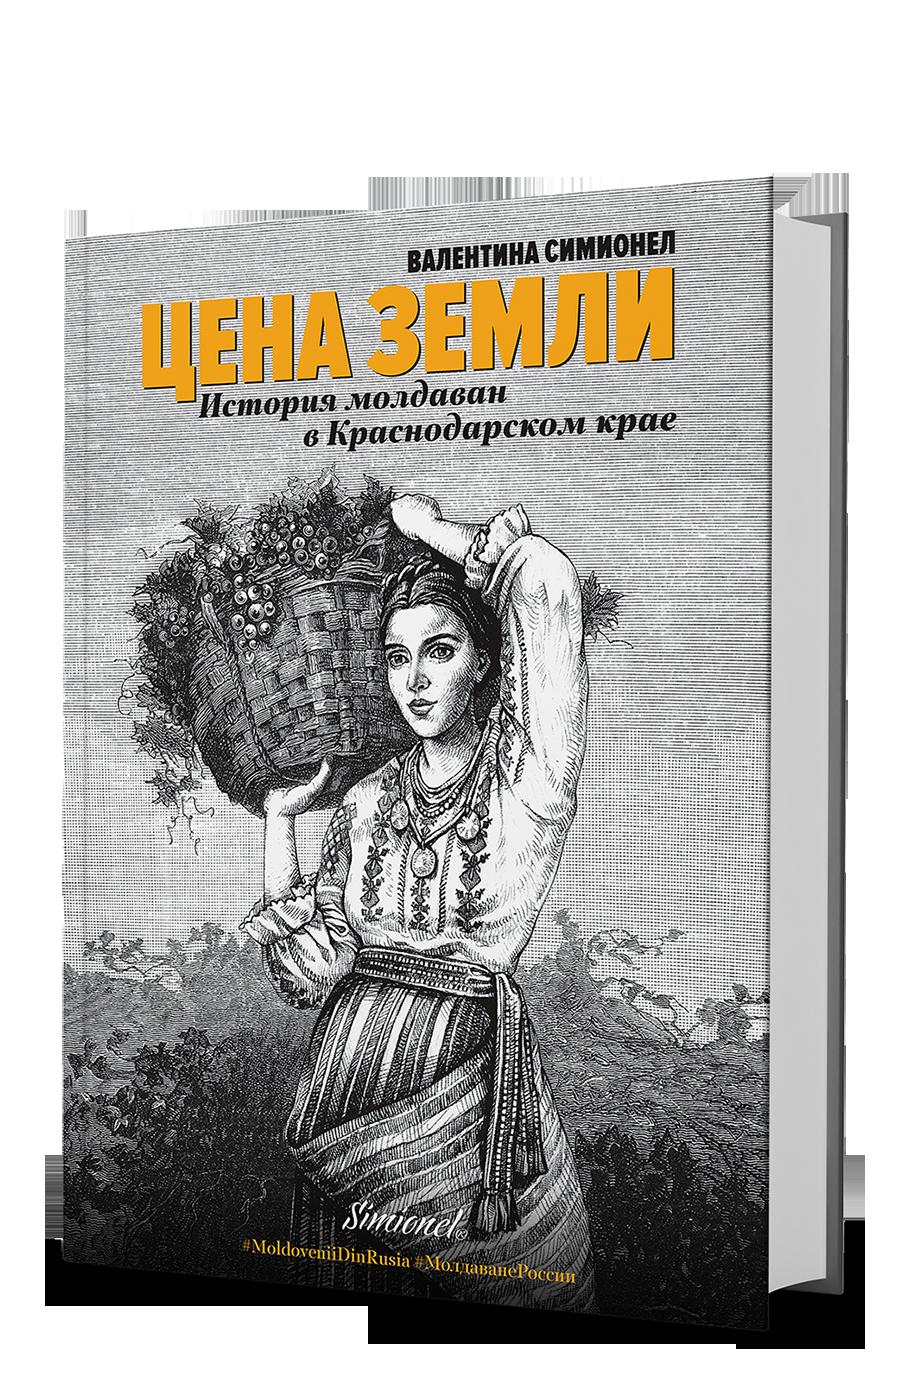 Цена земли. История молдаван в Краснодарском крае, Книга